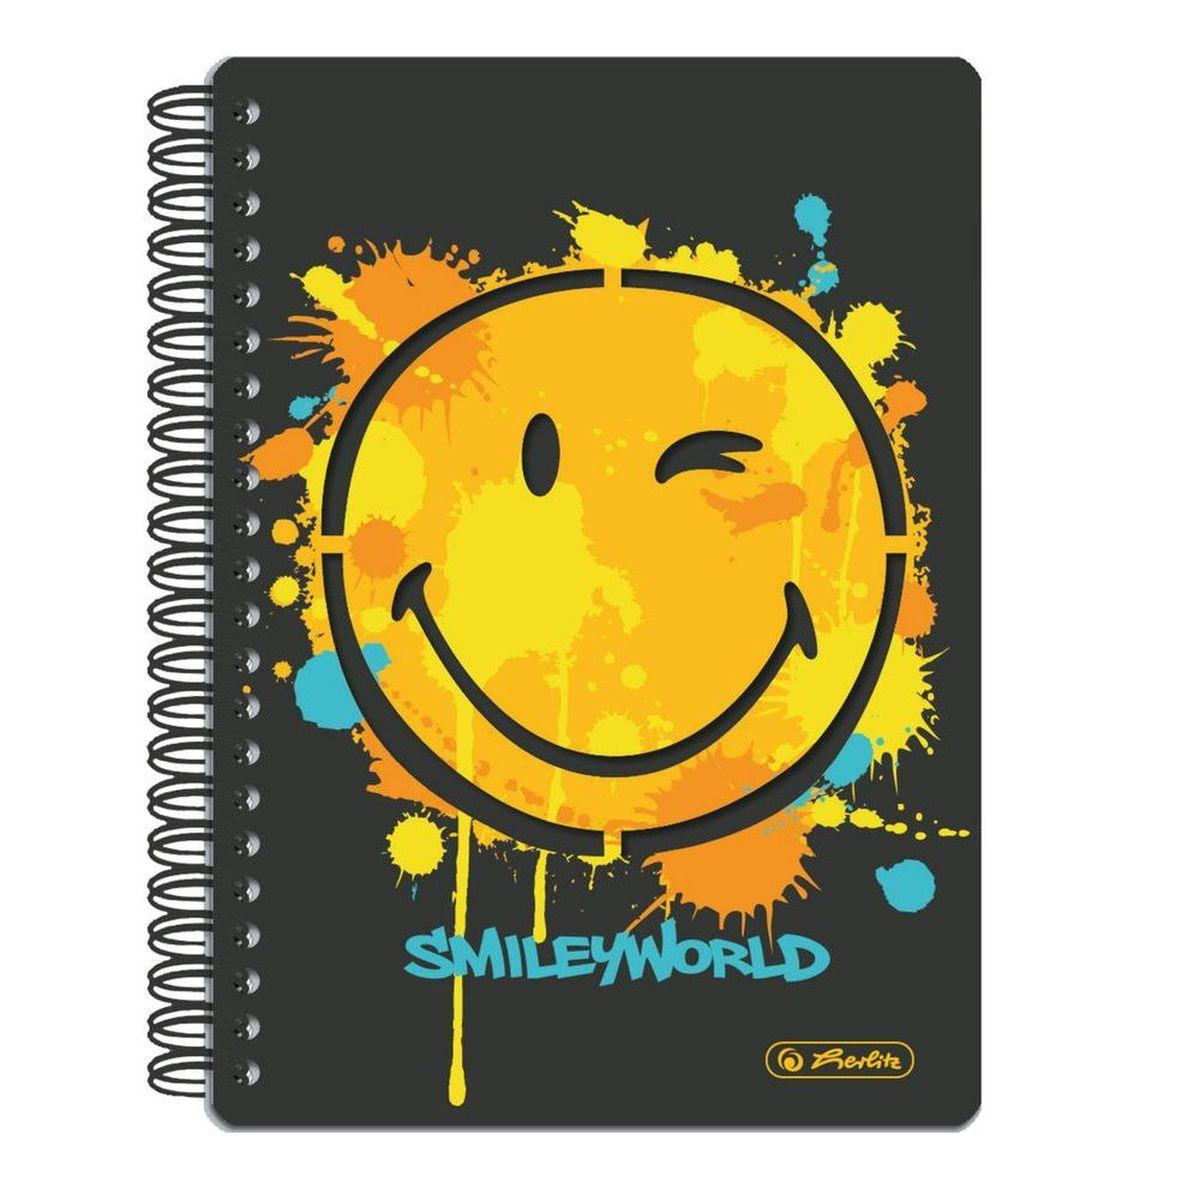 Herlitz Блокнот Smiley World 100 листов в клетку формат А511364536Удобный блокнот Herlitz Smiley World - незаменимый атрибут современного человека, необходимый для рабочих или школьных записей.Блокнот содержит 100 листов формата А5 в клетку без полей. Обложка выполнена из качественного ламинированного картона. Внутренний спиральный блок изготовлен из металла и гарантирует надежное крепление листов. Блокнот имеет закругленные углы и яркийдизайн, дополненный желтым смайлом.Блокнот для записей от Herlitz Smiley World станет достойным аксессуаром среди ваших канцелярских принадлежностей. Это отличный подарок как коллеге или деловому партнеру, так и близким людям.